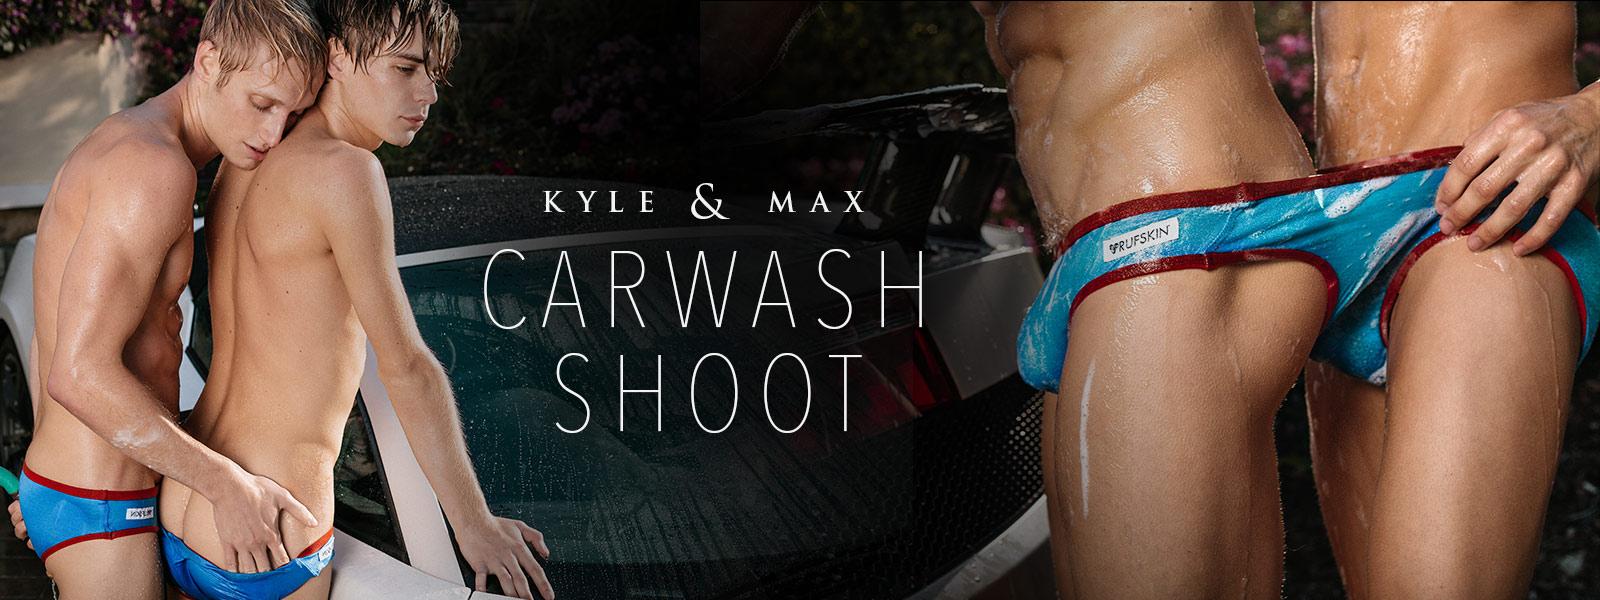 Kyle & Max: Carwash Shoot